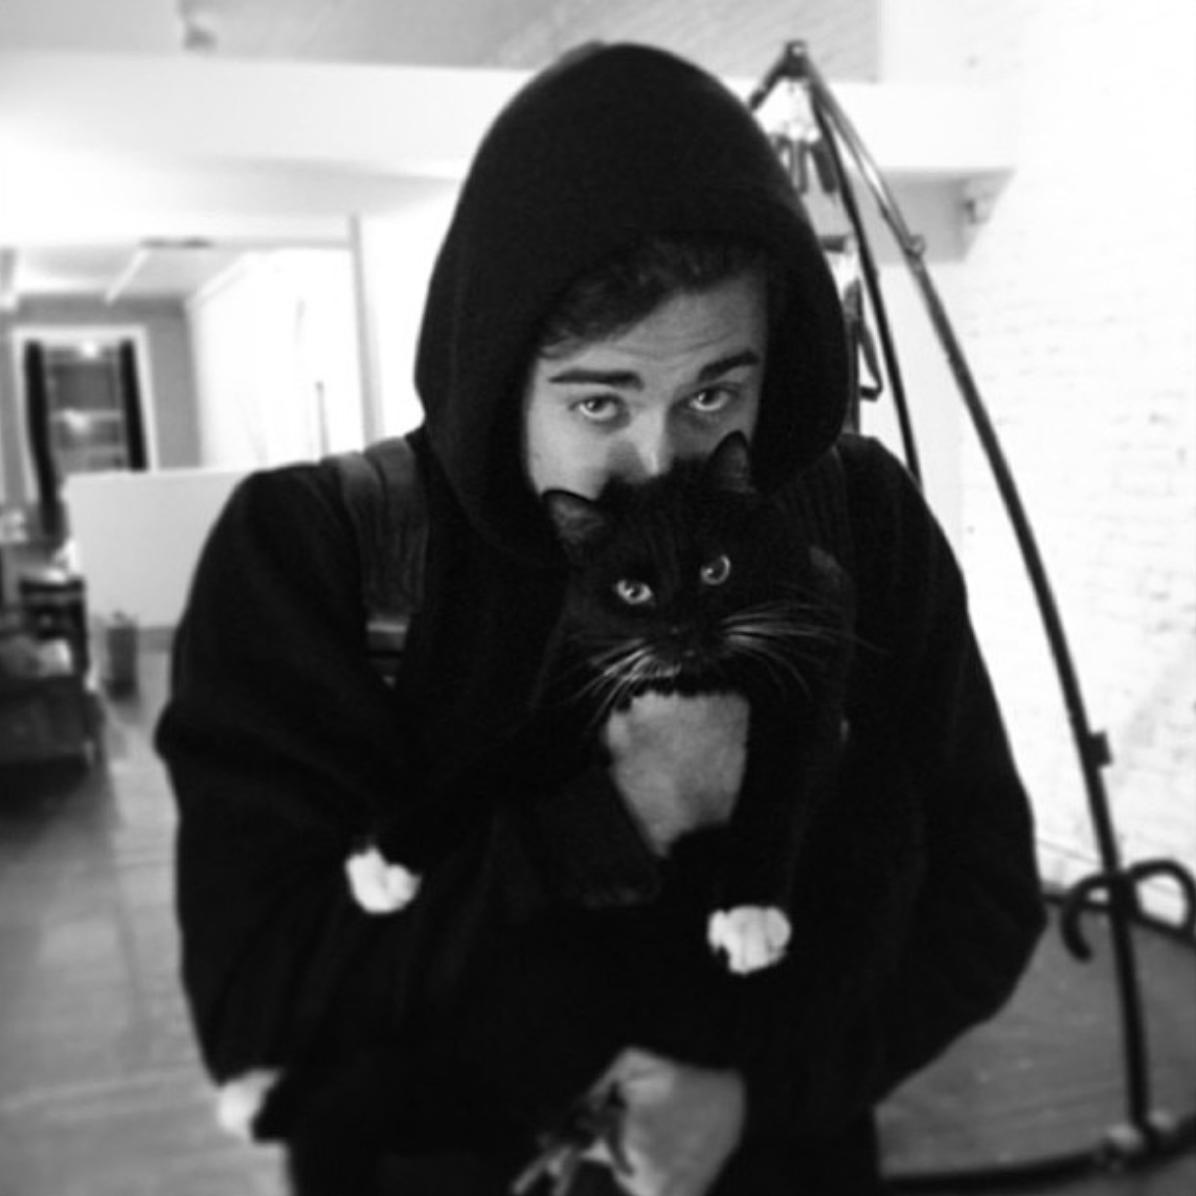 CuteBoys_WithCats, de beaux jeunes hommes et des chatons